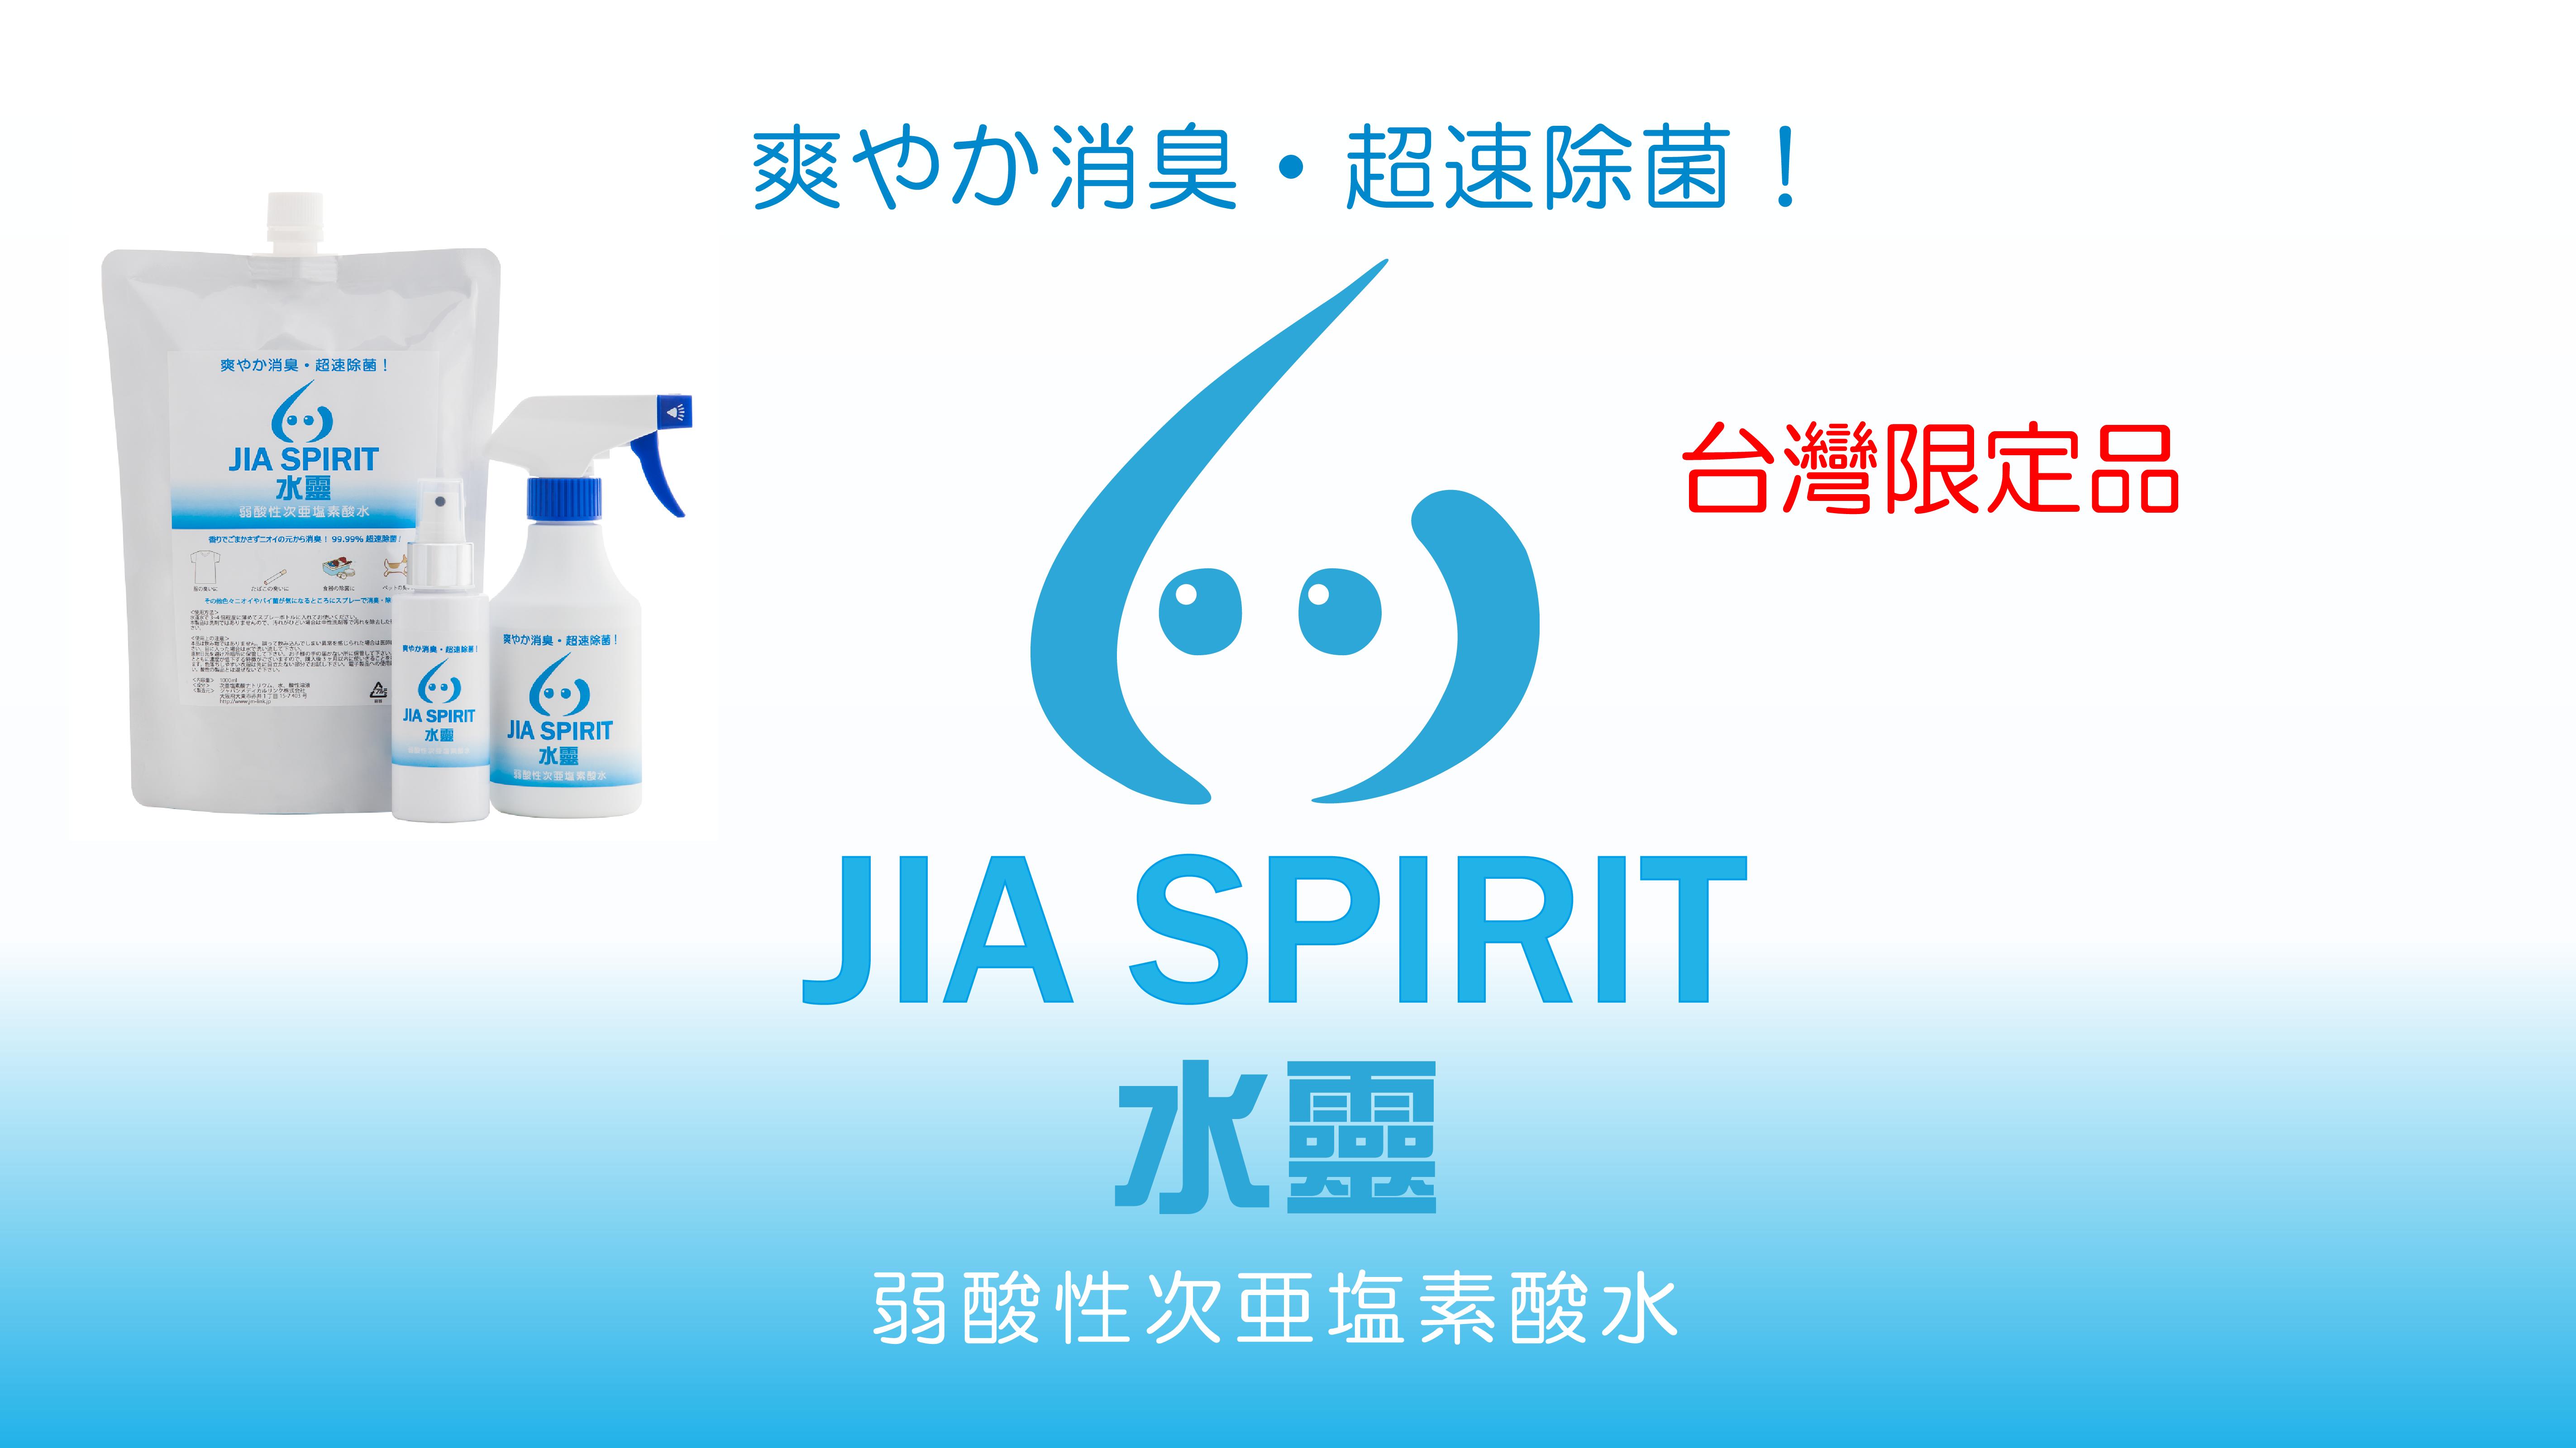 台灣限定品牌 水靈